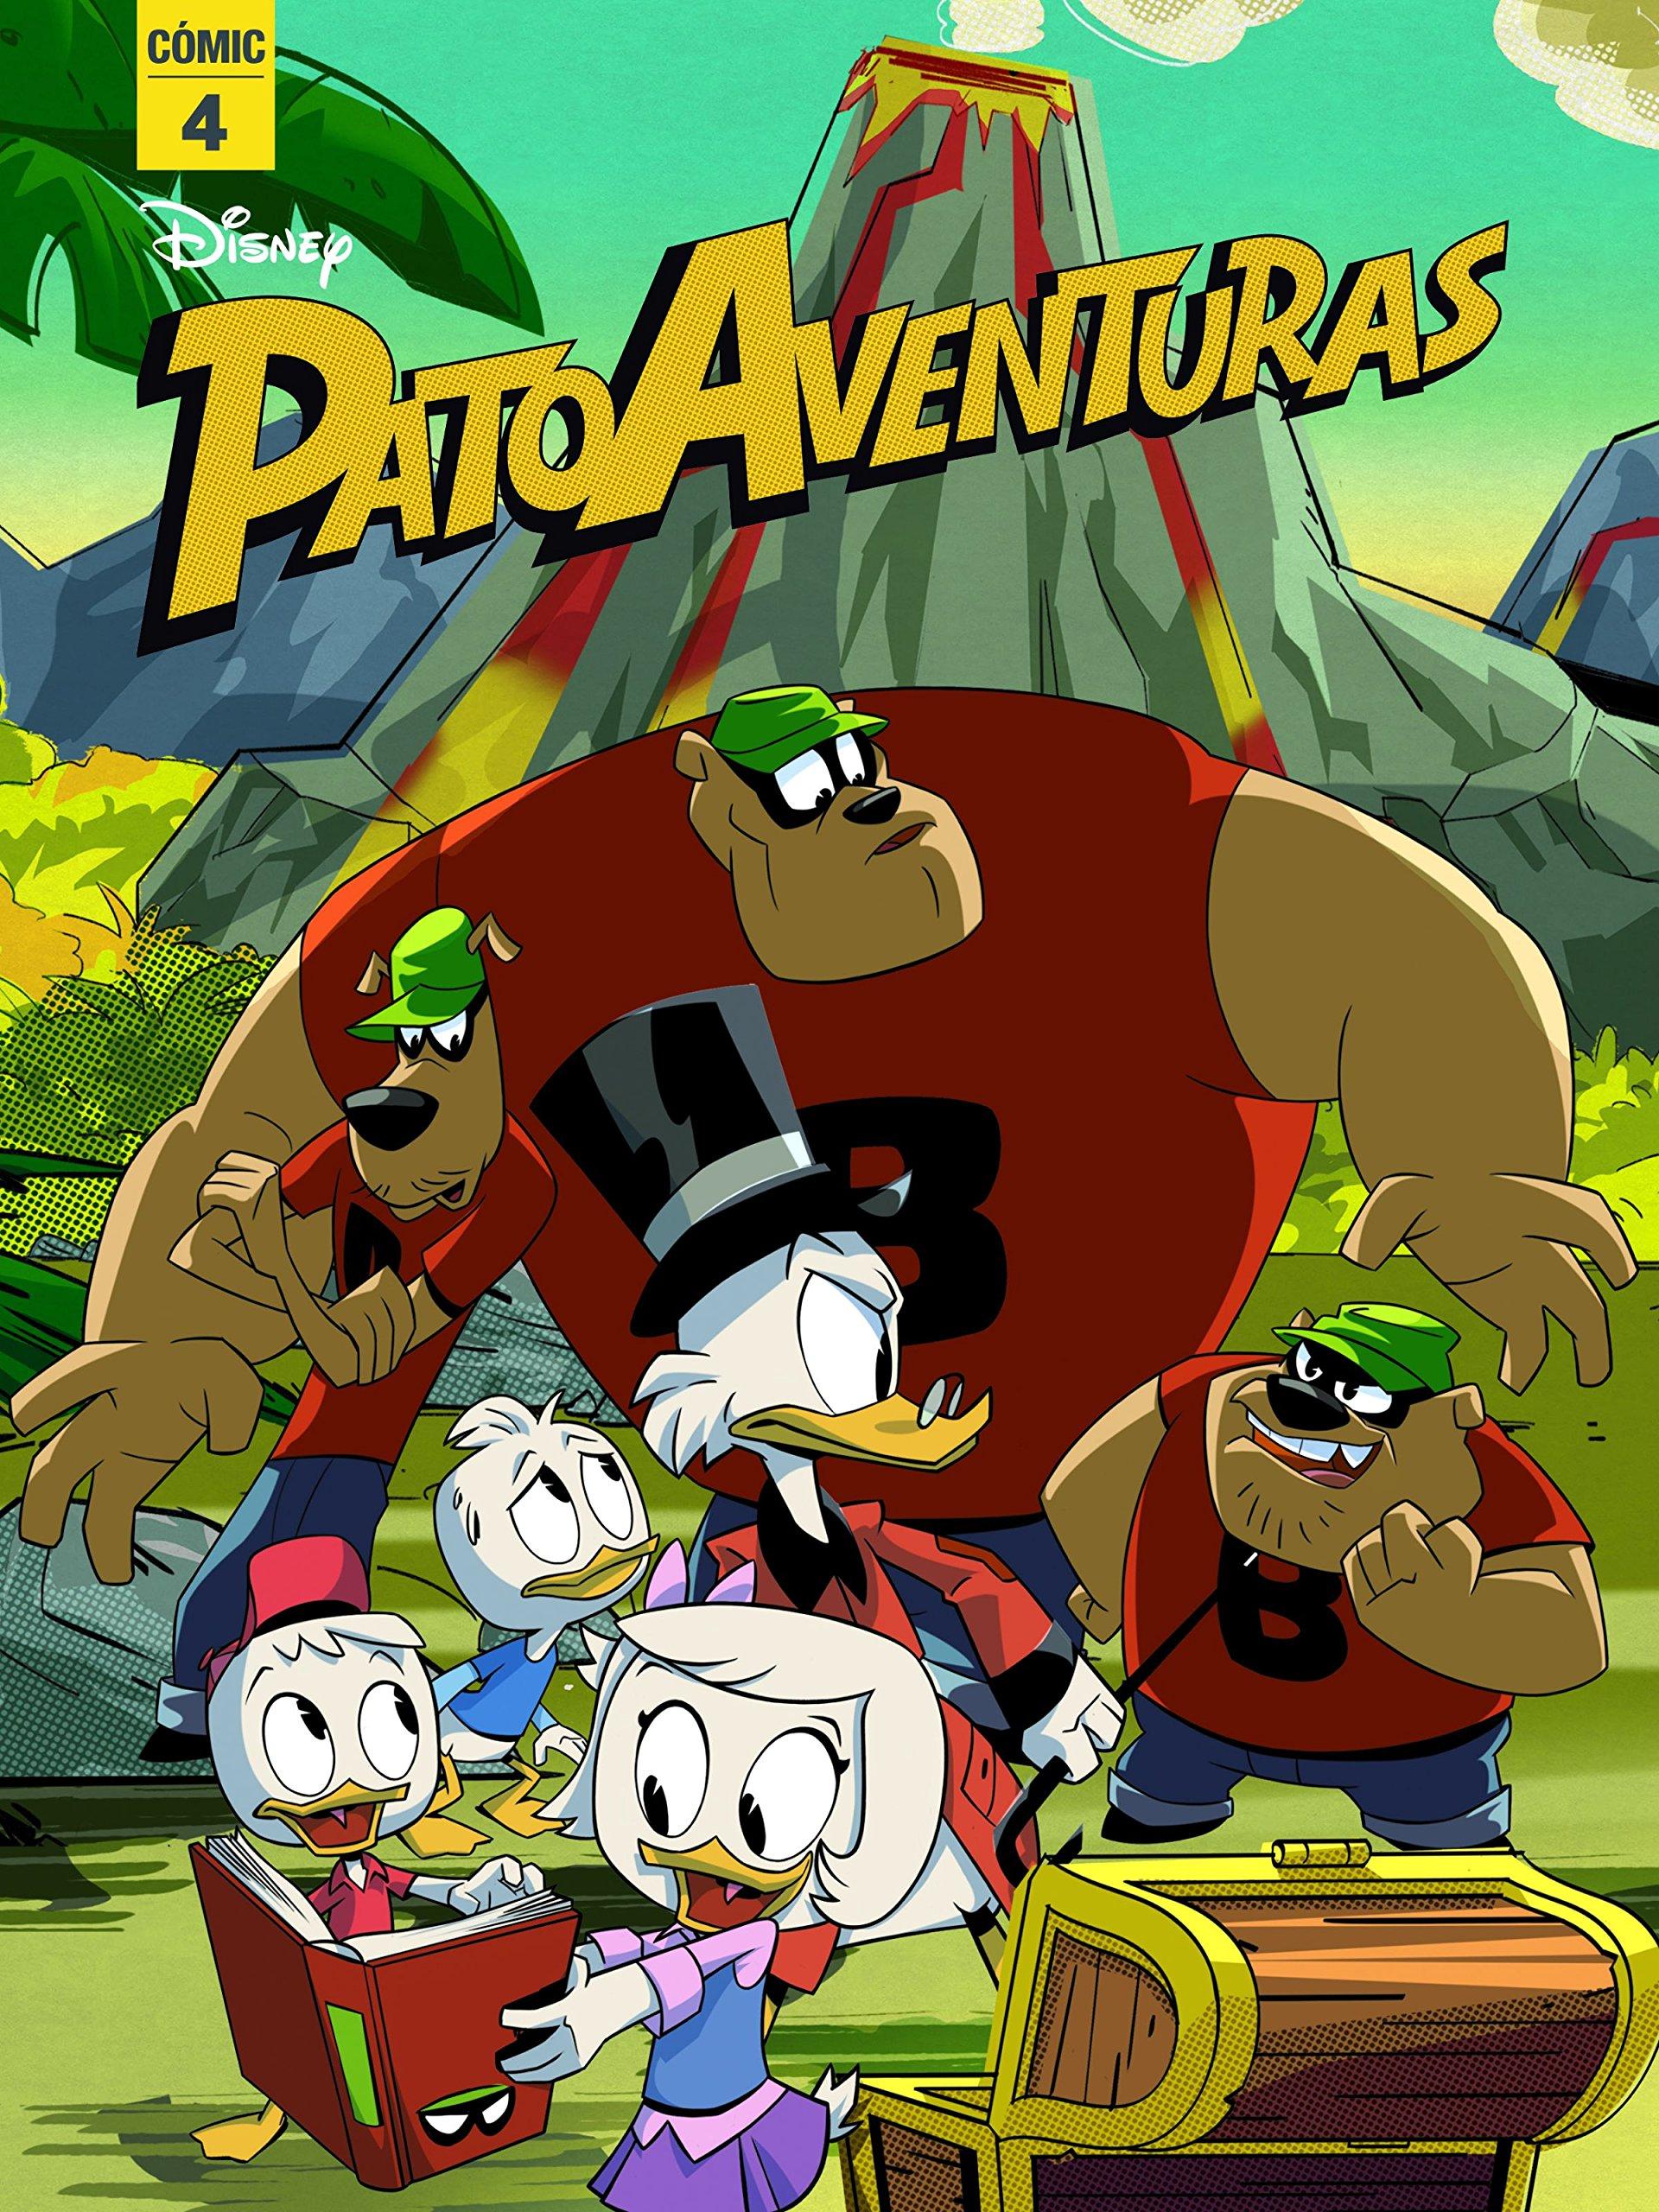 Patoaventuras. 4: Cómic (Disney. Patoaventuras): Amazon.es ...